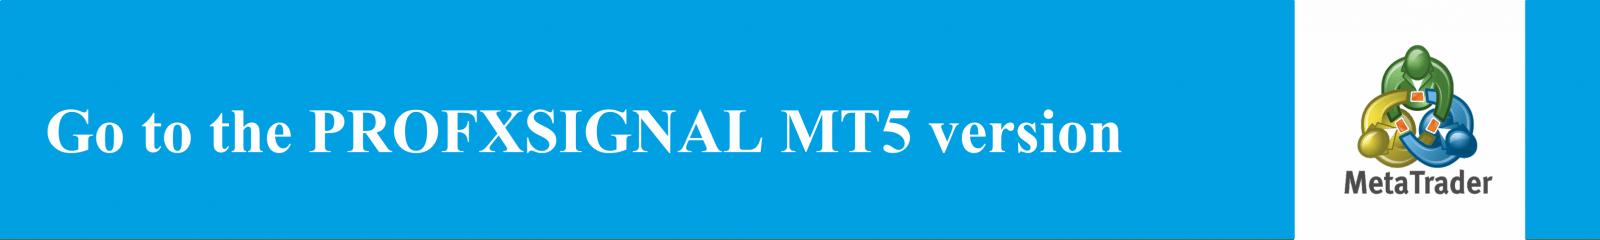 banner for mt5 version